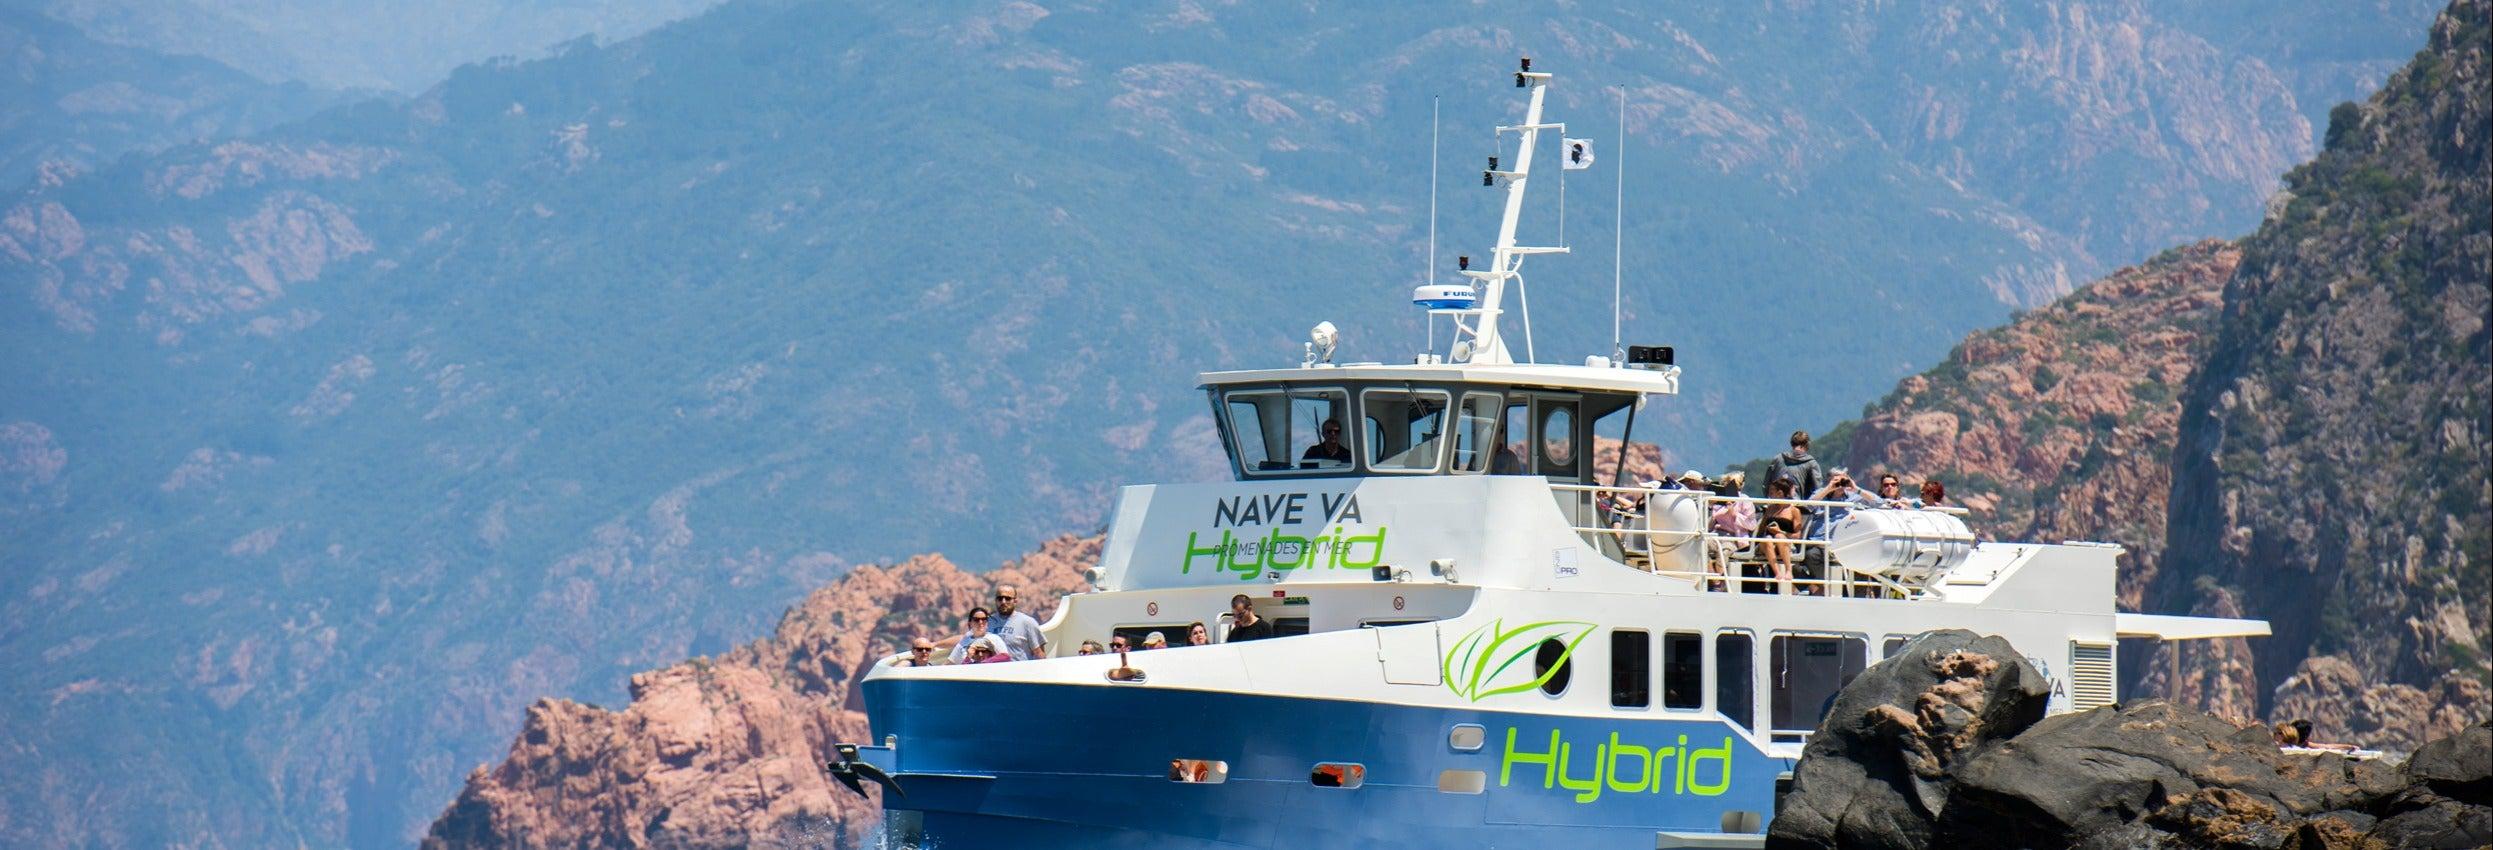 Excursão de barco a Scandola e Girolata